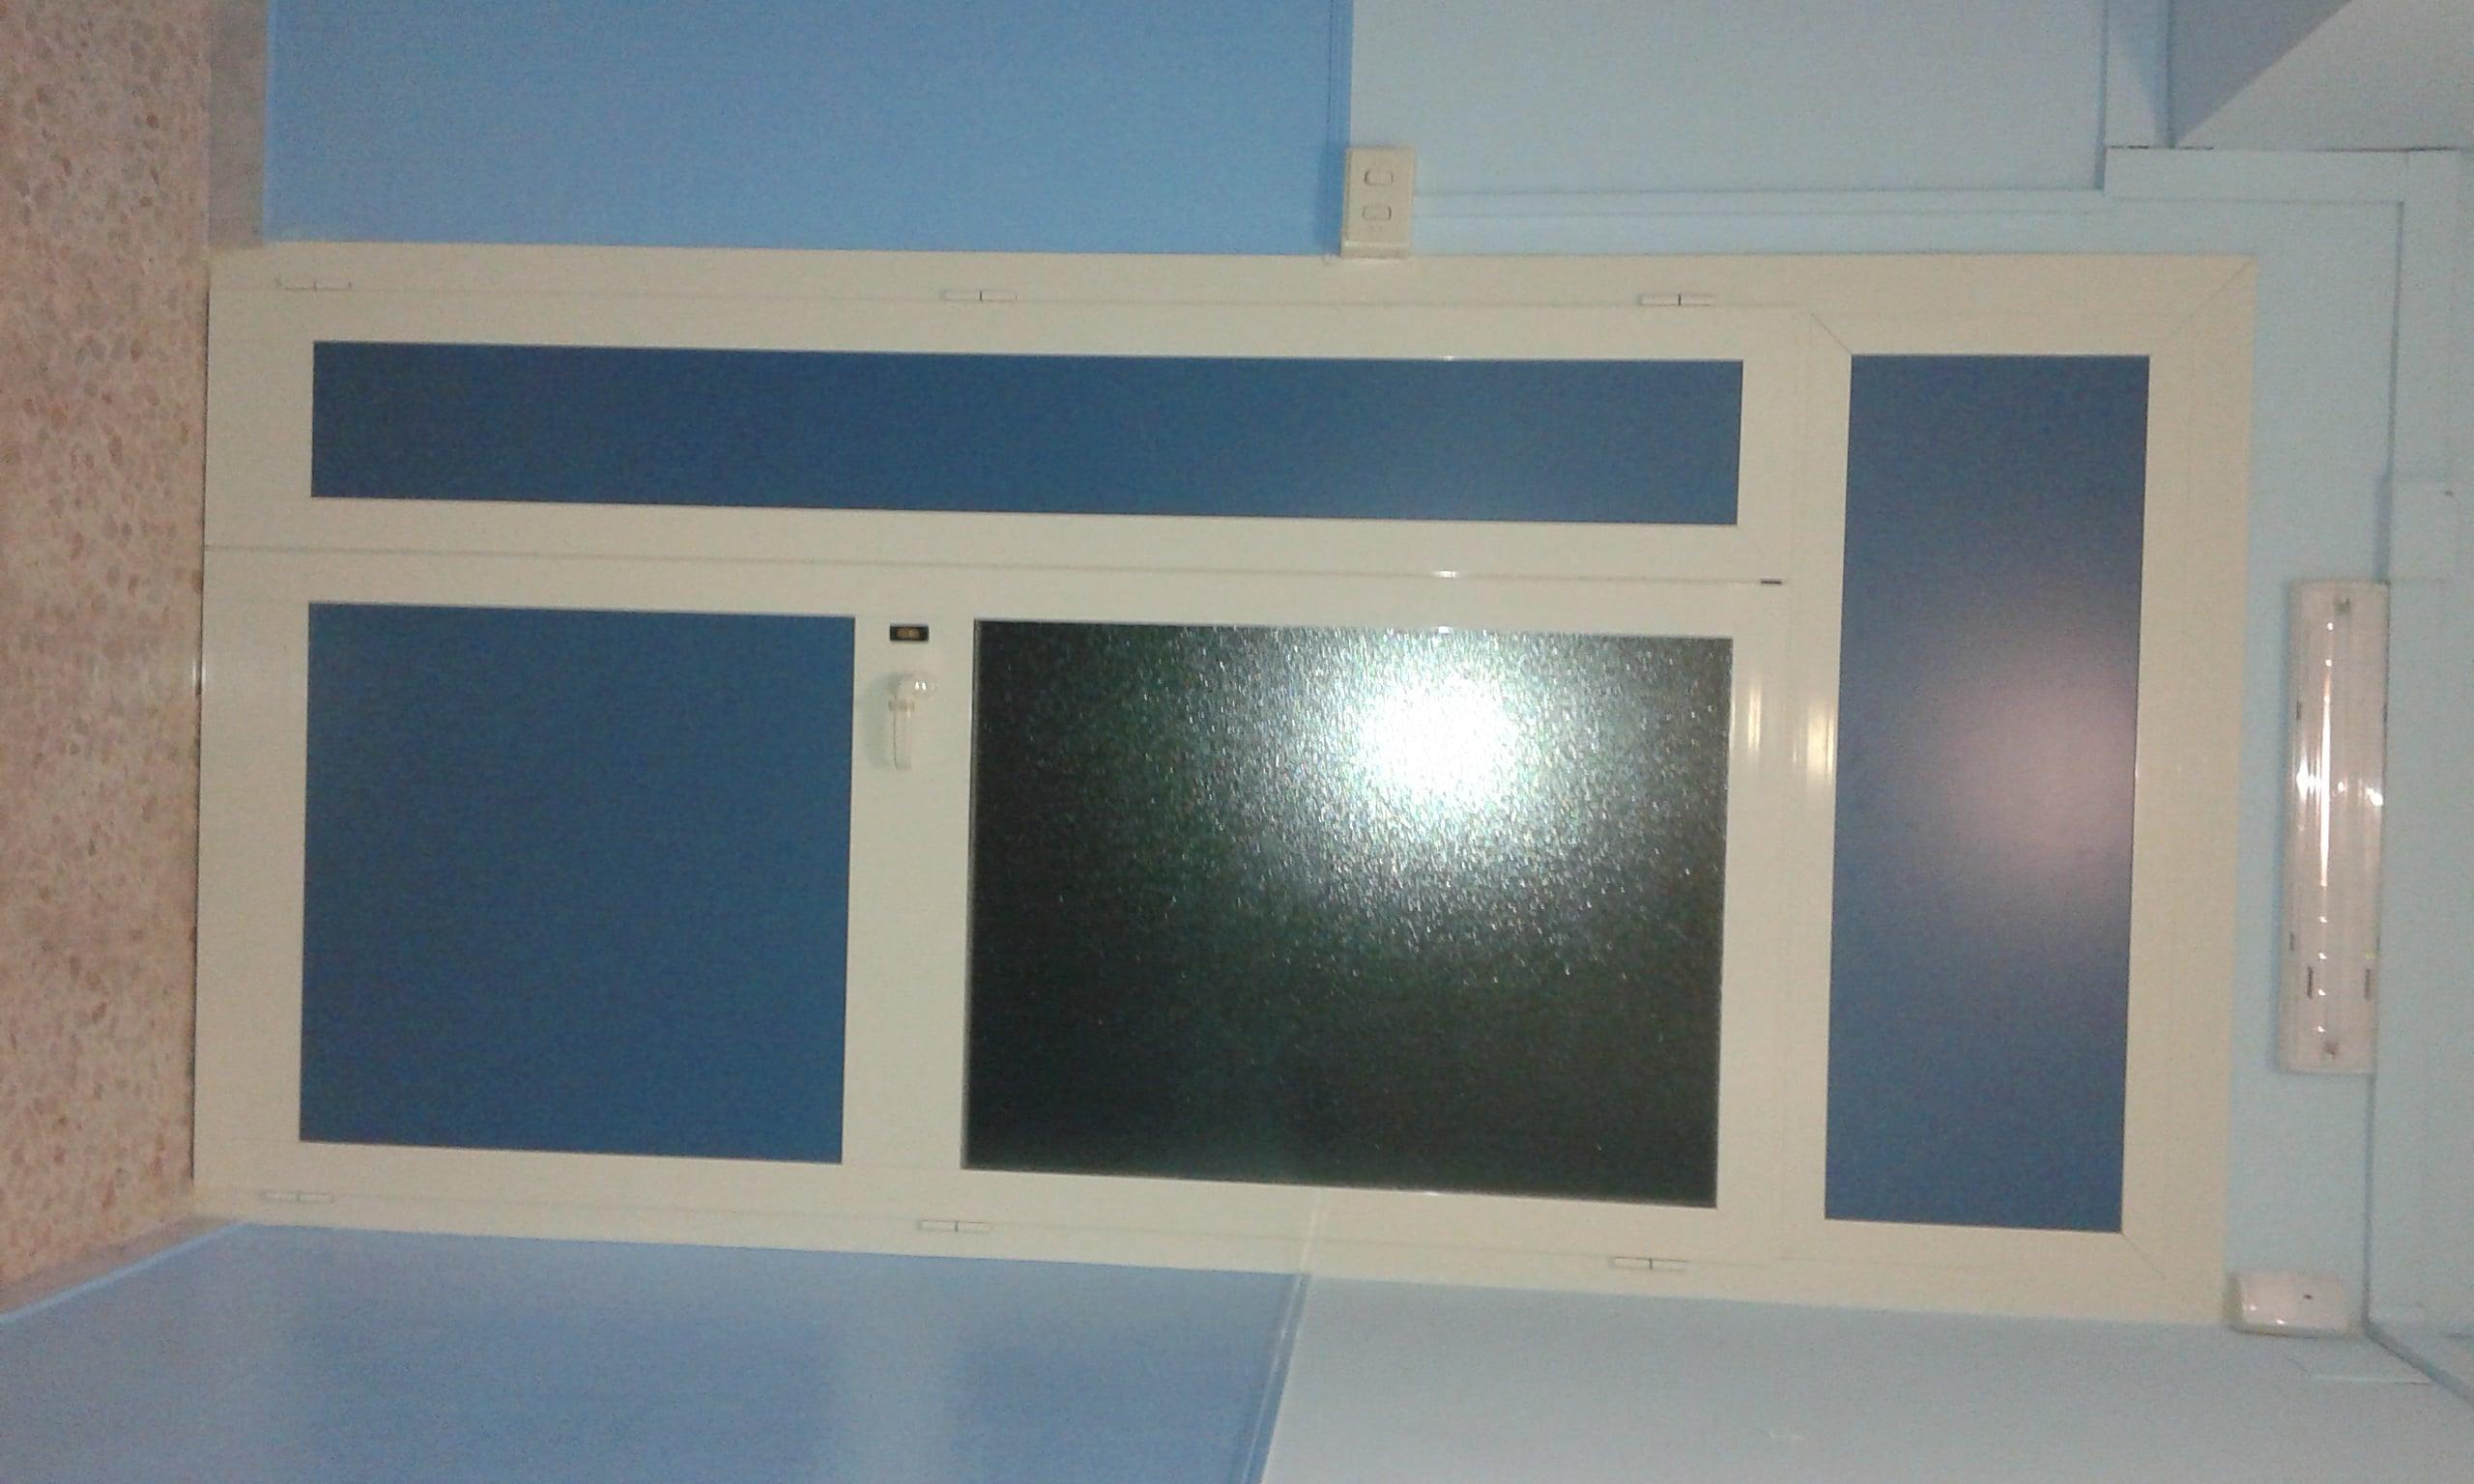 Porte alluminio infissi dgf serramenti for Infissi in legno bianco